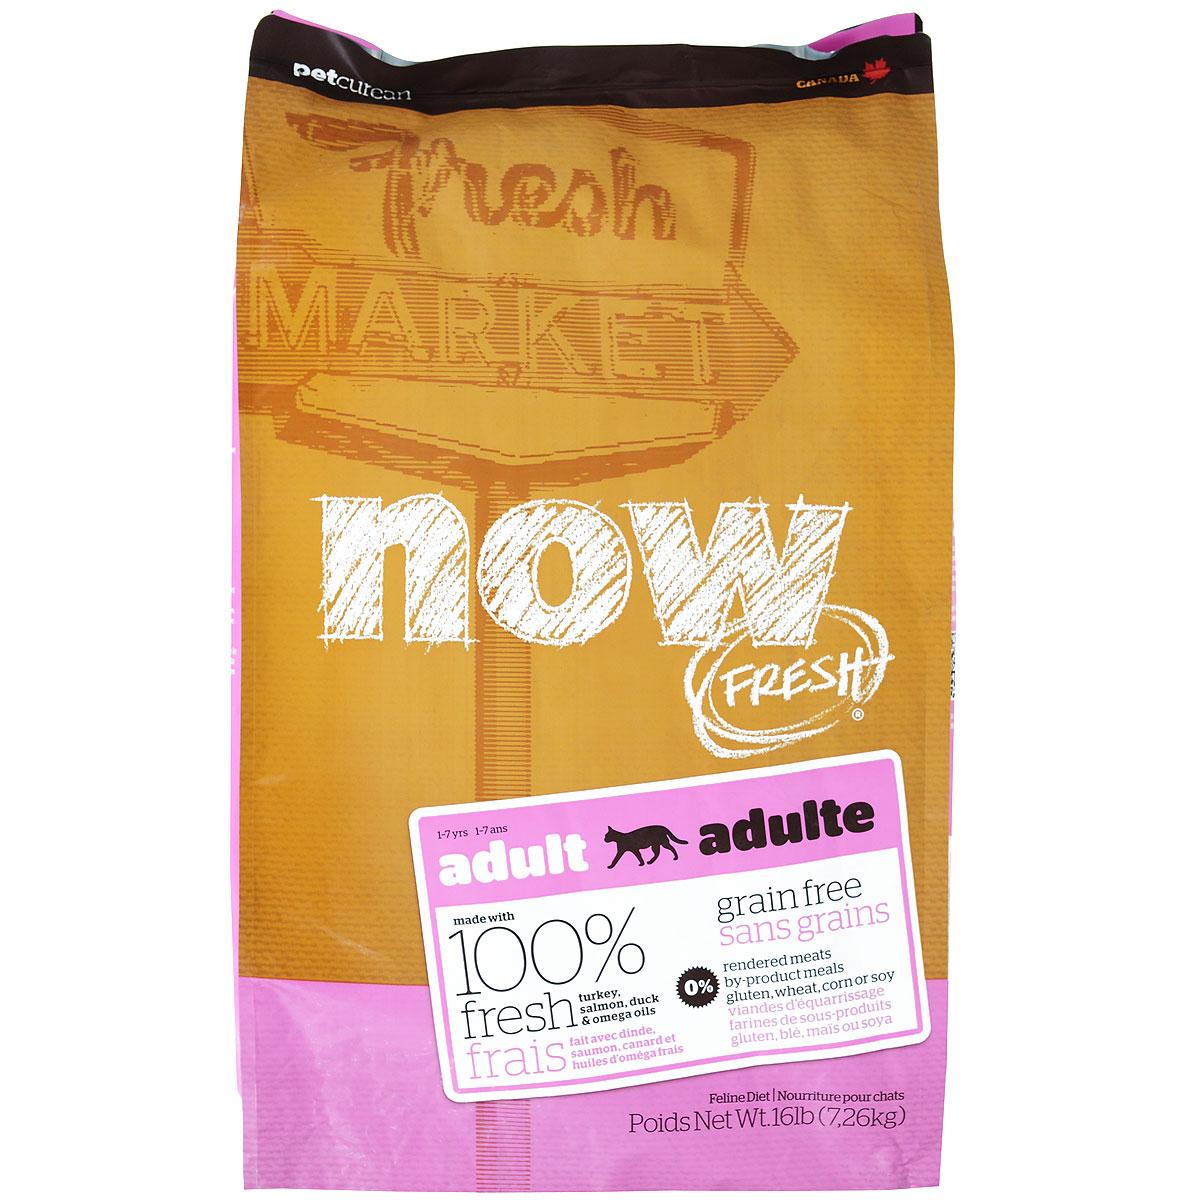 Корм сухой Now Fresh для взрослых кошек, беззерновой, с индейкой, уткой и овощами, 7,26 кг20044Now Fresh - полностью сбалансированный холистик корм из свежего филе индейки и утки, выращенных на канадских фермах. При производстве кормов используется только свежее мясо индейки, утки, лосося, кокосовое и рапсовое масло. Это первый беззерновой корм со сбалансированным содержание белков и жиров. Ключевые преимущества: - полностью беззерновой, - не содержит субпродуктов, красителей, говядины, мясных ингредиентов, выращенных на гормонах, - оптимальное соотношение белков и жиров помогает кошек оставаться здоровым и сохранять отличную форму, - докозагексаеновая кислота (DHA) и эйкозапентаеновая кислота (EPA) необходима для нормальной деятельности мозга и здорового зрения, - пробиотики и пребиотики обеспечивают здоровое пищеварение, - таурин необходим для здоровья глаз и нормального функционирования сердечной мышцы, - омега-масла в составе необходимы для здоровой кожи и шерсти, - антиоксиданты укрепляют...